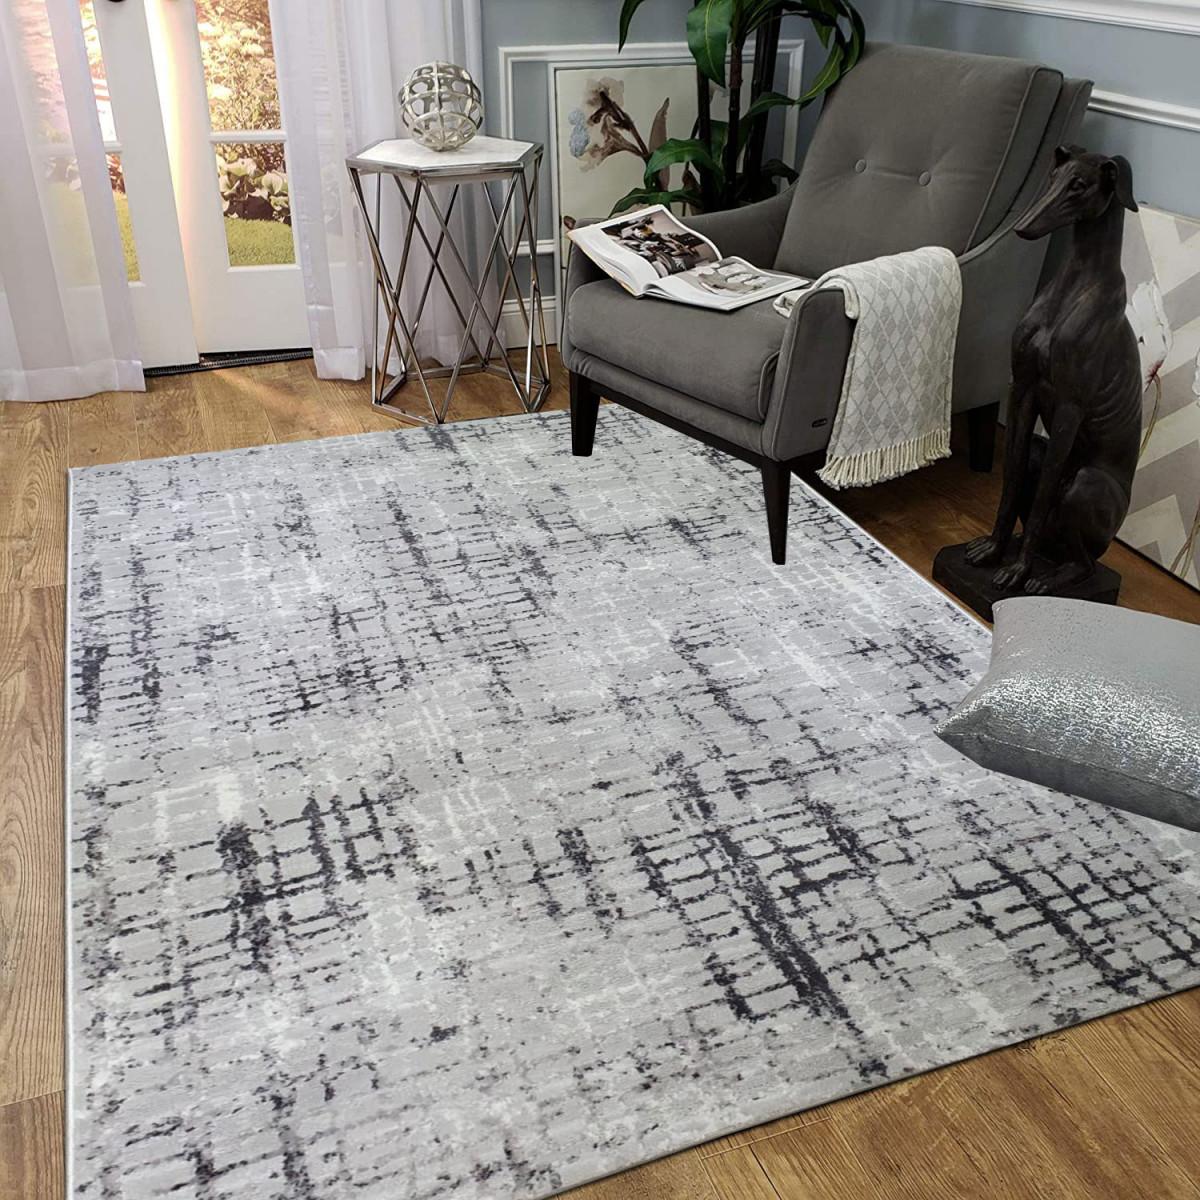 Kurzflor Teppich Wohnzimmer Grau Modern Läufer Flur Küche Hellgrau Designer von Teppich Wohnzimmer Grau Photo